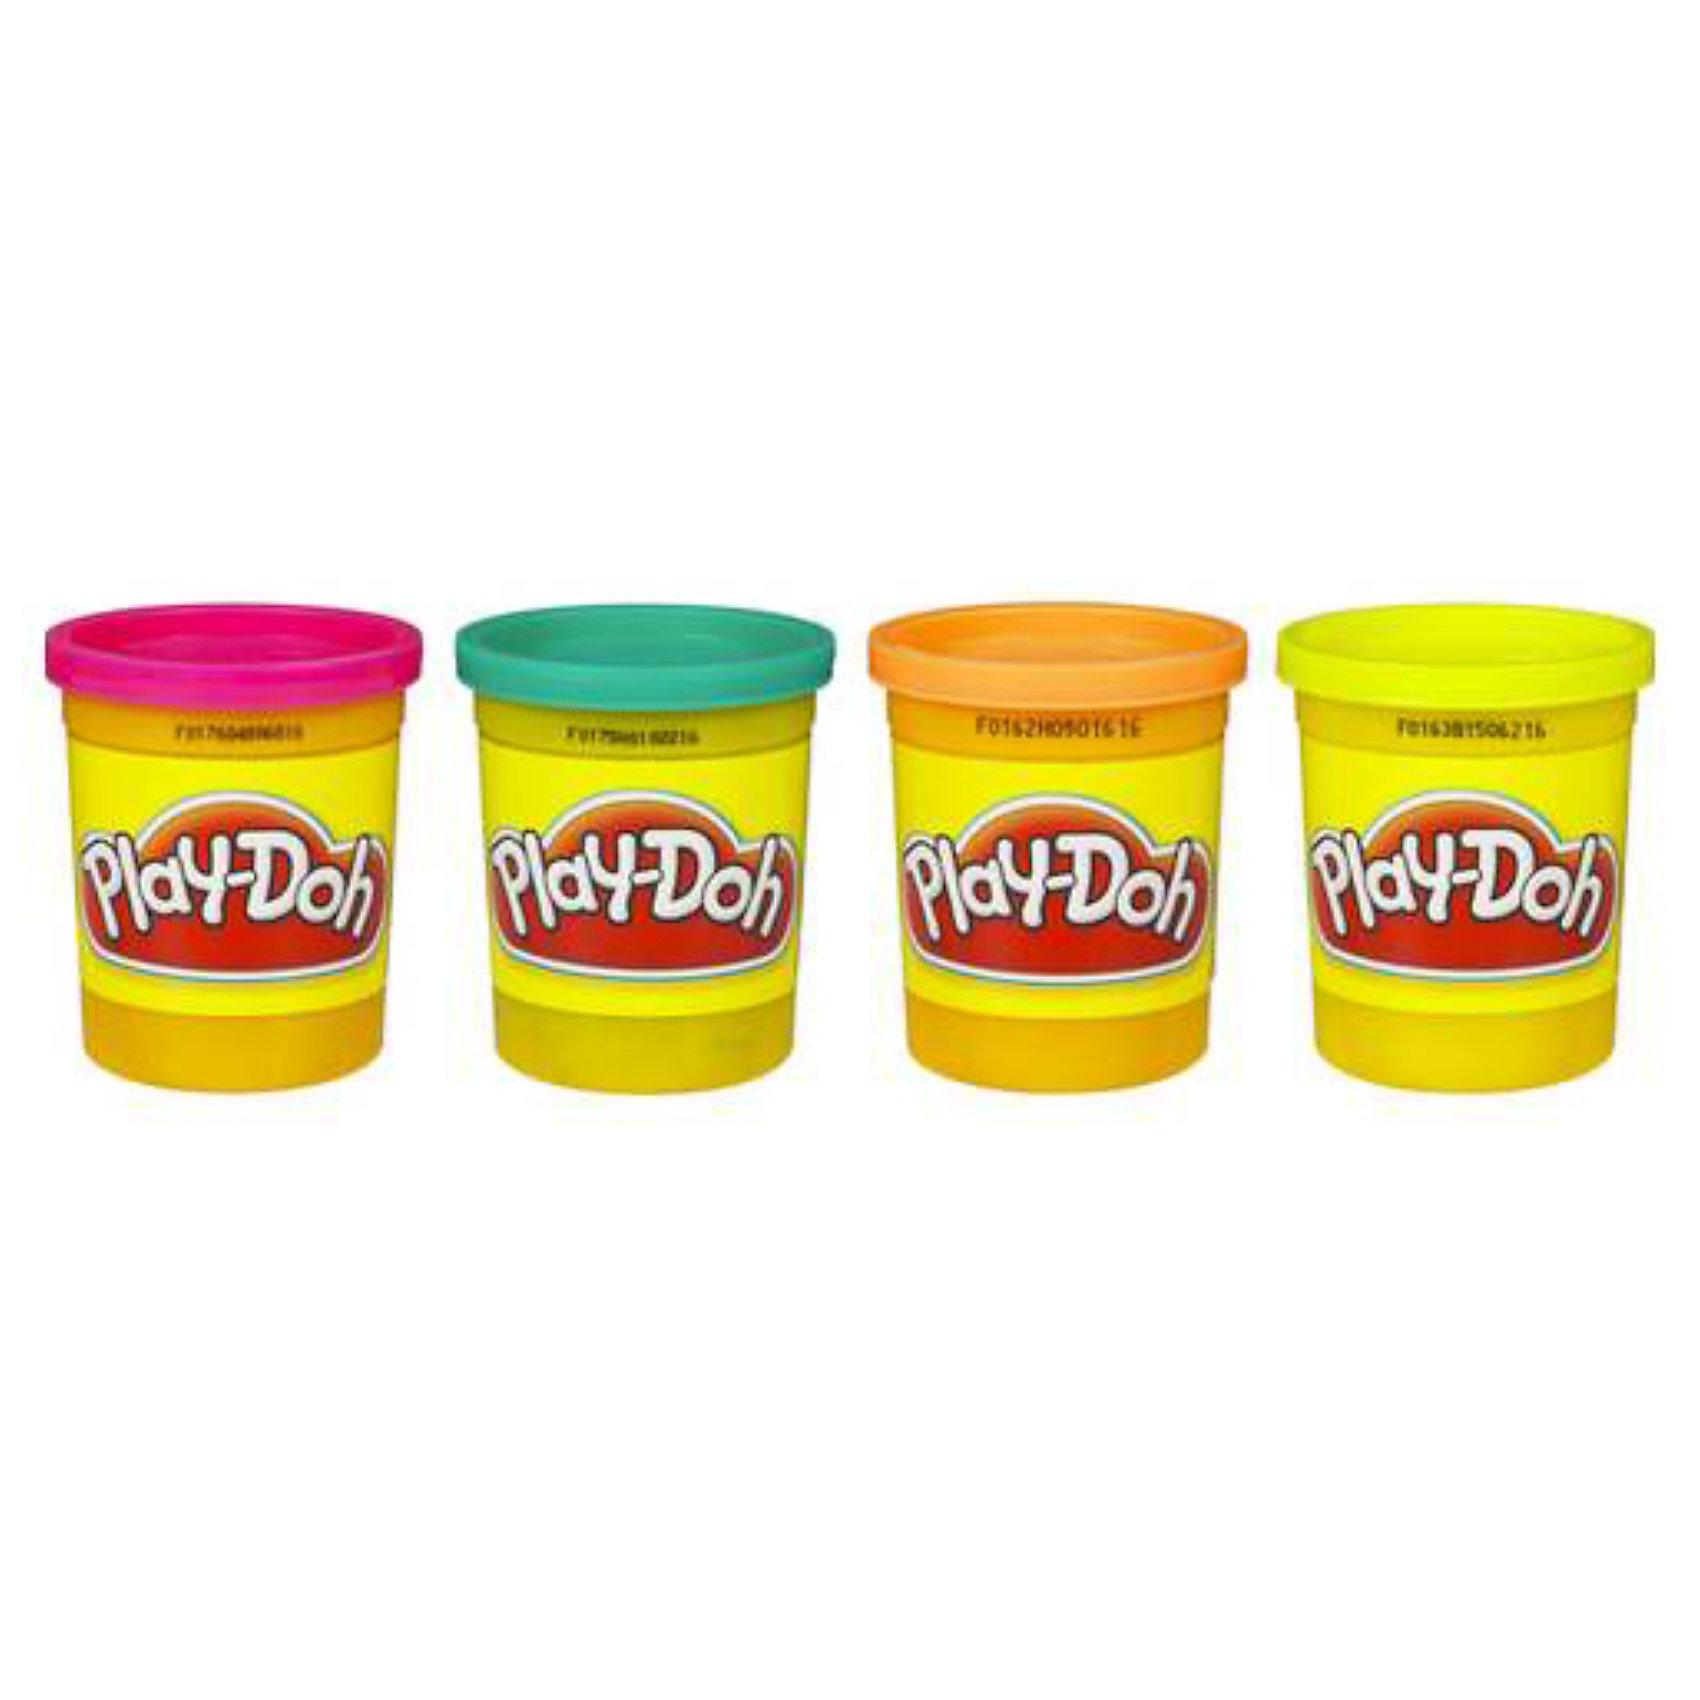 Пластилин в 4-х банках, Play-DohНабор пластилина Play Doh из 4-х баночек - оптимальный вариант для тех, кто только знакомится с лепкой. Если четырёх базовых цветов не хватает для реализации вашей задумки, смело смешивайте их и получайте нужный оттенок! С пластилином Плей-До лепить  просто и весело, он очень пластичен и создан из экологичных материалов.  <br><br>Дополнительная информация:<br><br>- Комплект из четырех банок<br>- Цвета: розовый, бирюзовый, оранжевый, желтый, фиолетовый, зеленый, красный, голубой, синий, светло-розовый, золотистый.<br>- Размер упаковки: 70 х 277 х 80 мм<br>- Вес каждой банки: 130 г<br><br>Внимание! Данный товар представлен в ассортименте, к сожалению,  выбрать заранее определенный вид не представляется возможным. При заказе 2-х возможно получение одинаковых.<br><br>Пластилин в 4-х банках, в ассорт., Play-Doh можно купить в нашем магазине.<br><br>Ширина мм: 100<br>Глубина мм: 100<br>Высота мм: 100<br>Вес г: 1000<br>Возраст от месяцев: 36<br>Возраст до месяцев: 108<br>Пол: Унисекс<br>Возраст: Детский<br>SKU: 2149727